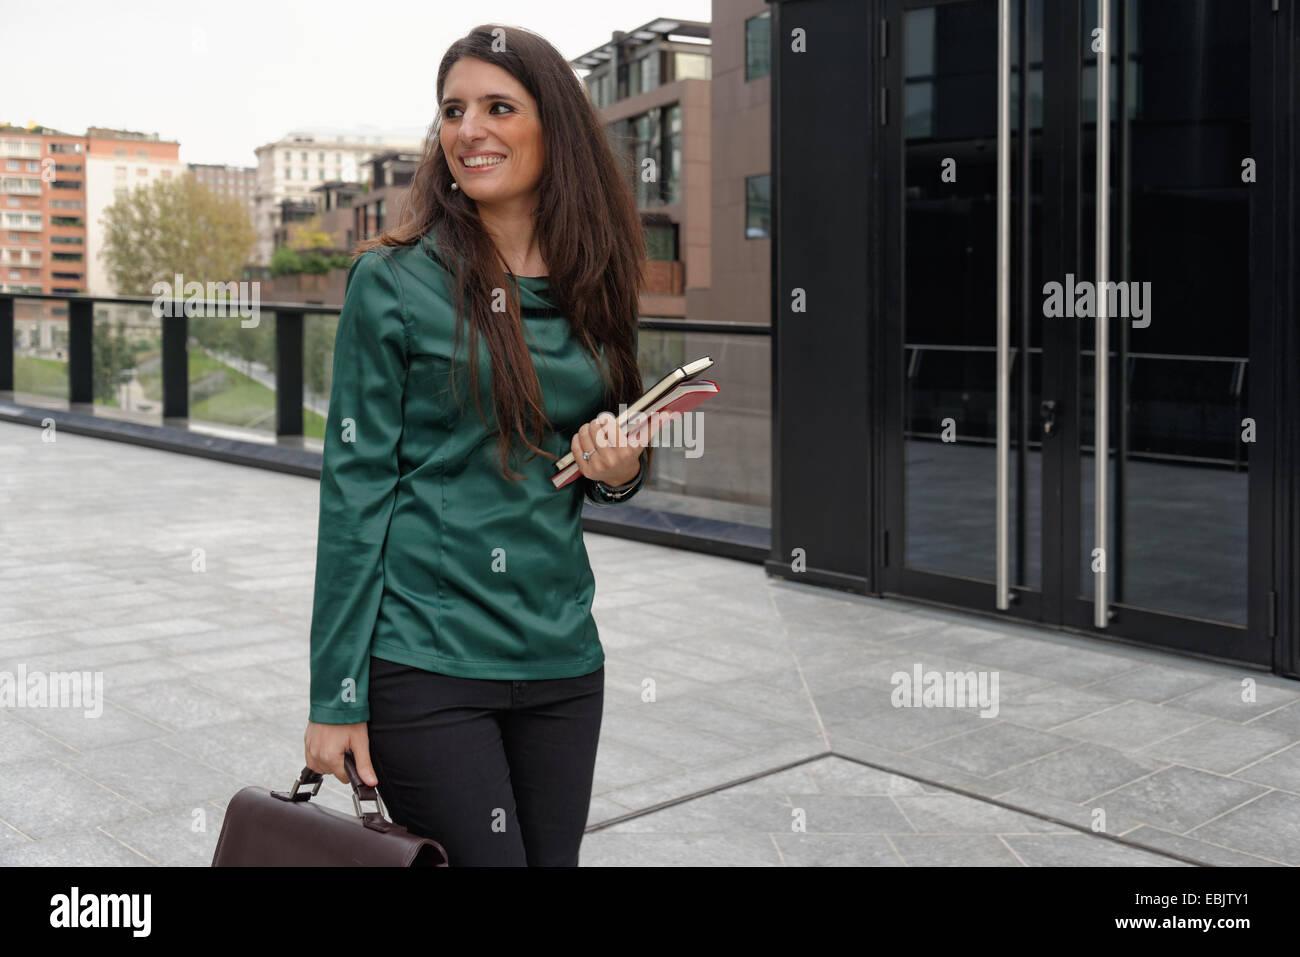 Profesional joven mujer caminando con maletín Imagen De Stock